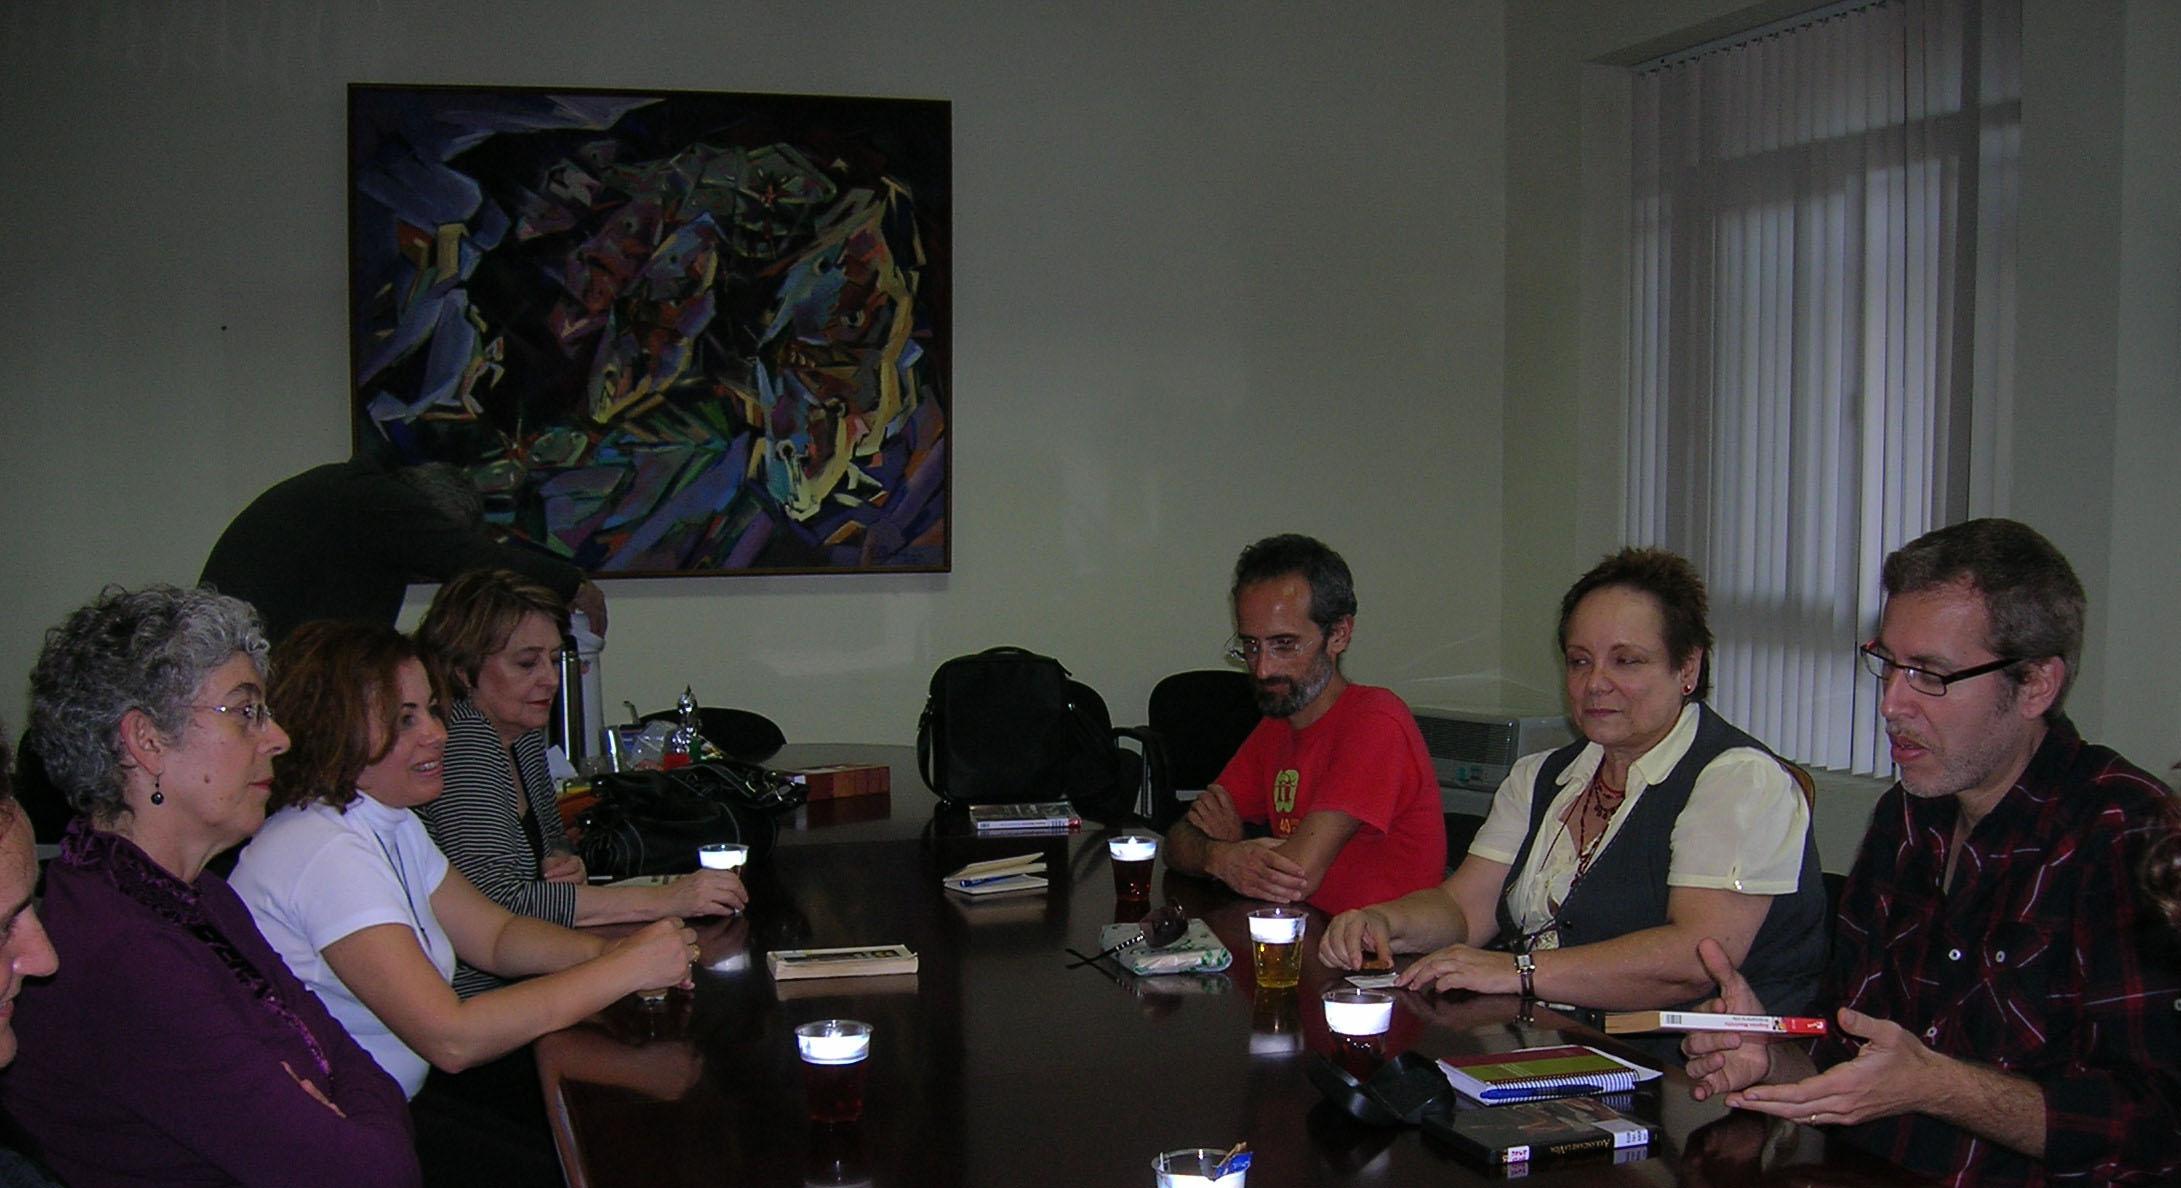 Imágenes del libro fórum de Arráncame la vida (14 de abril 2011)